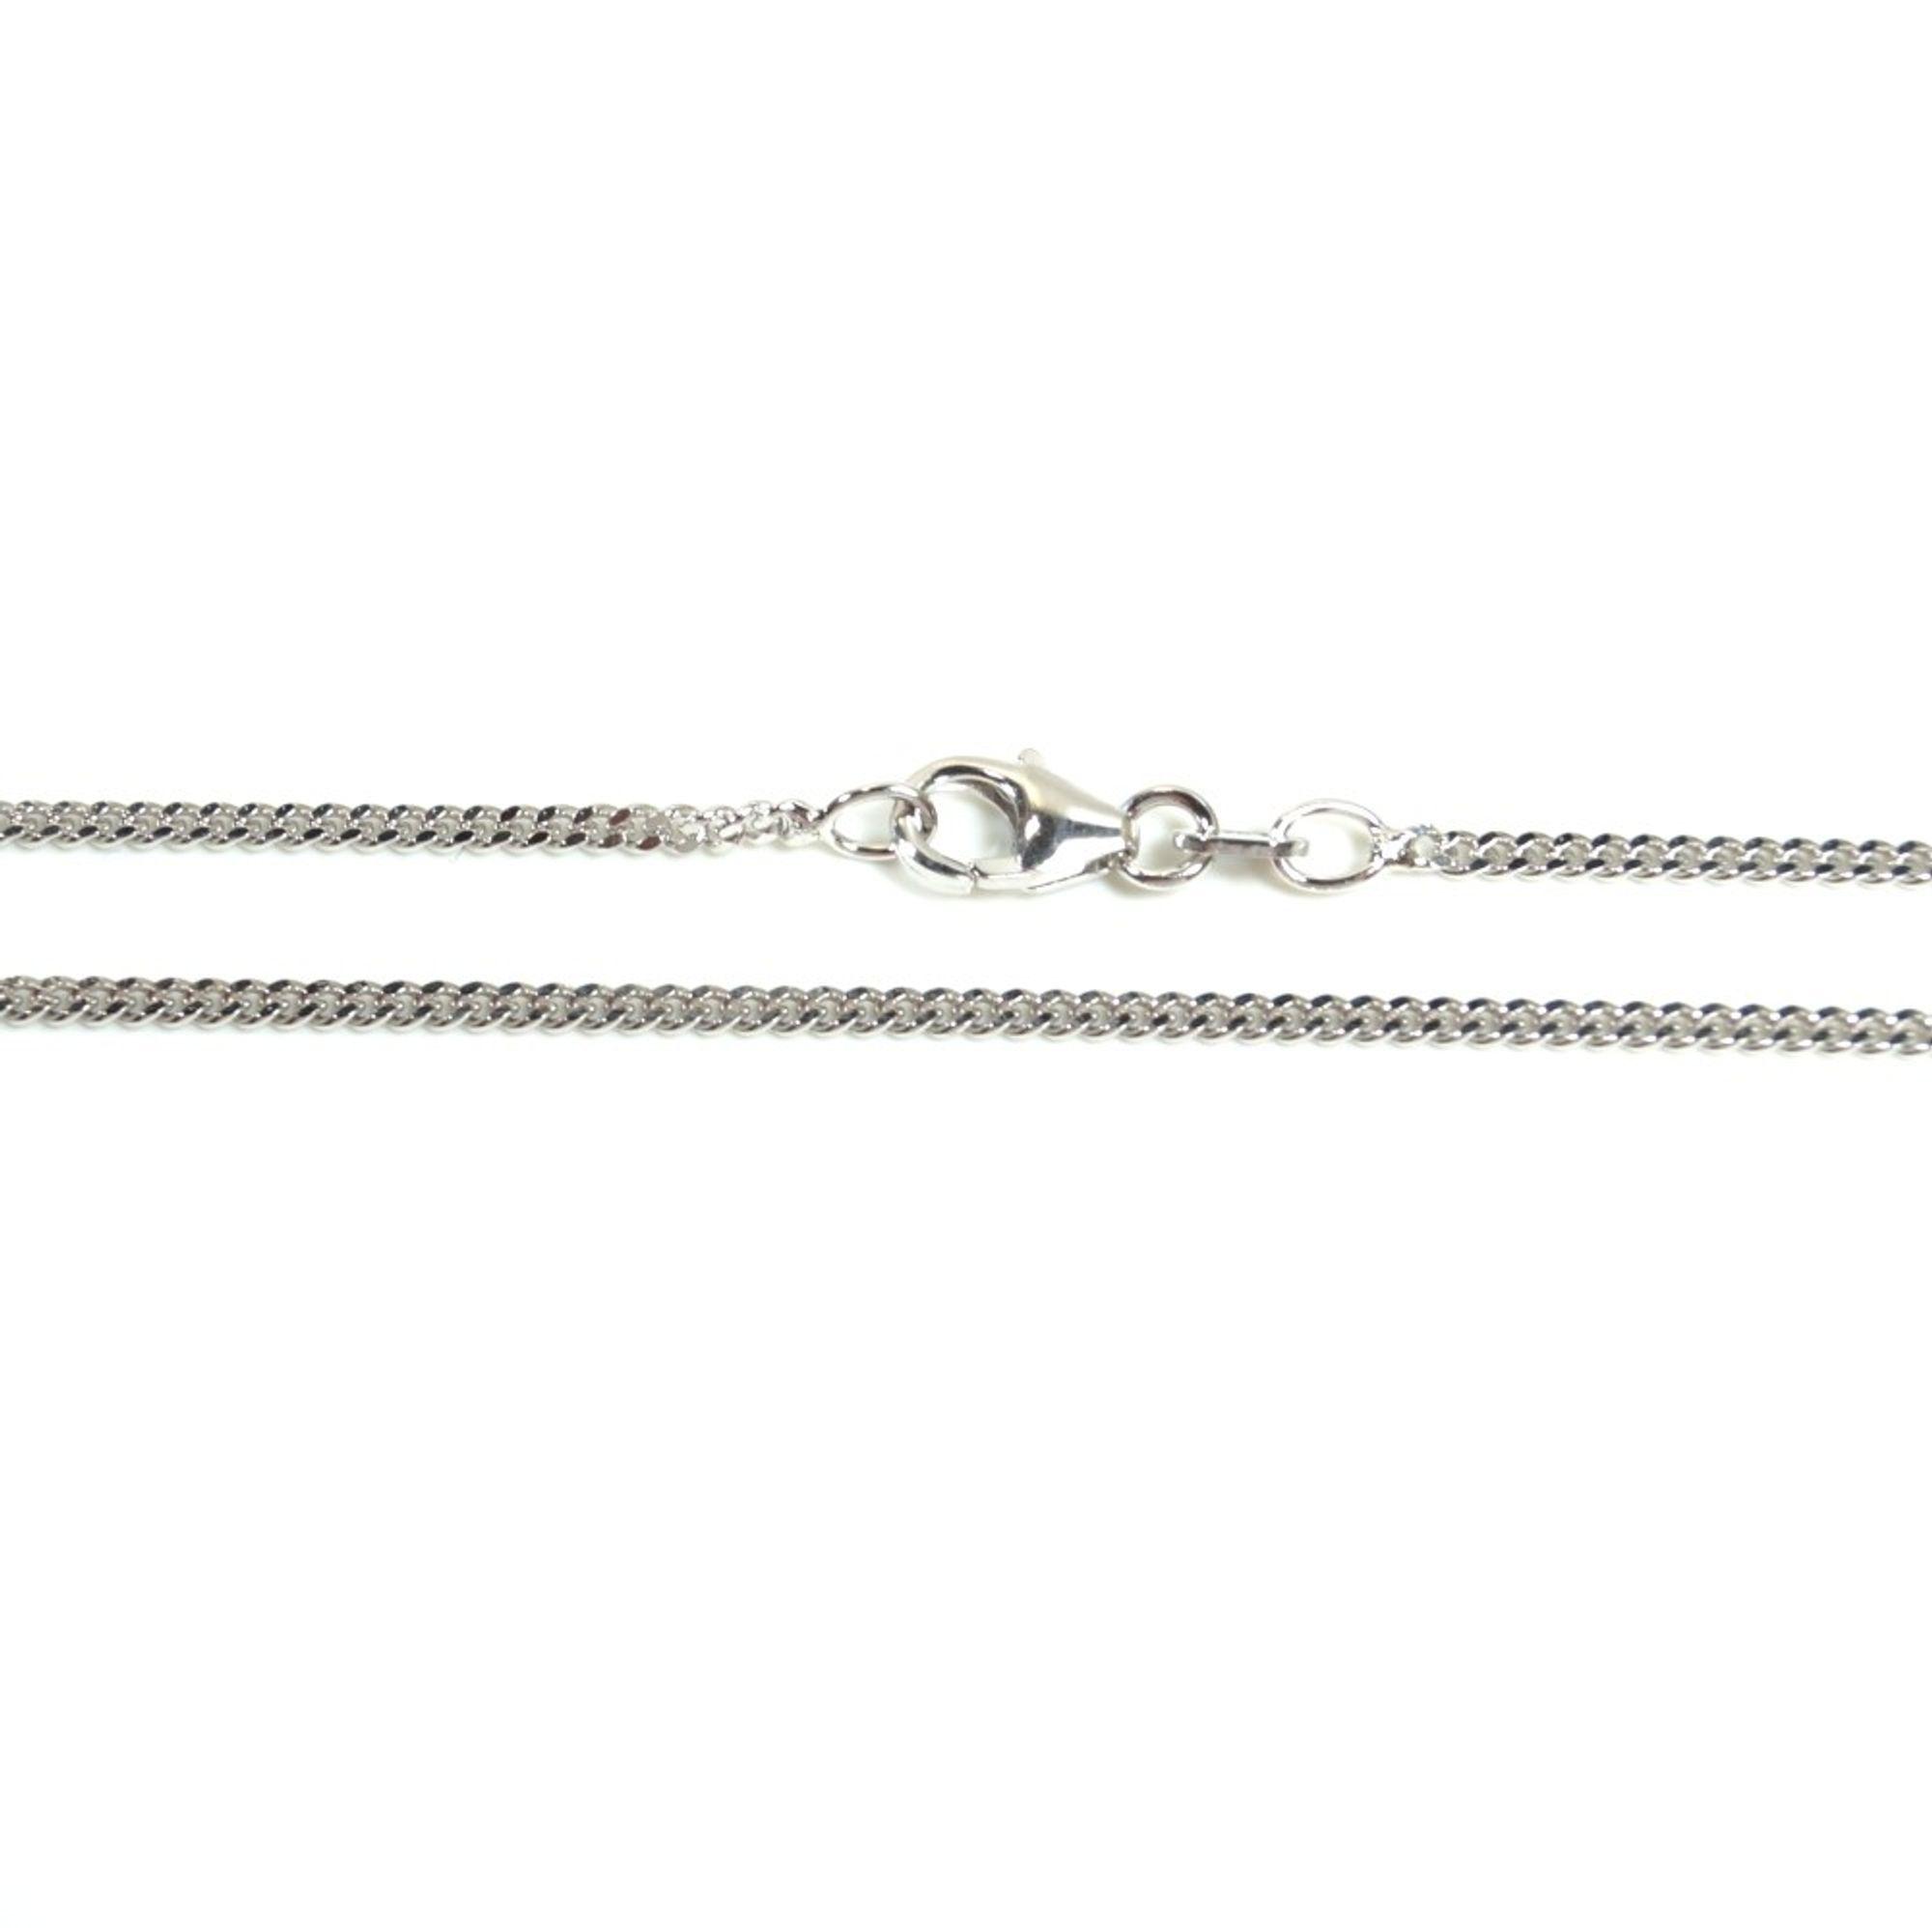 Basic Silber PF01.80.38R Kette Baby Panzer Halskette Silber 38 cm